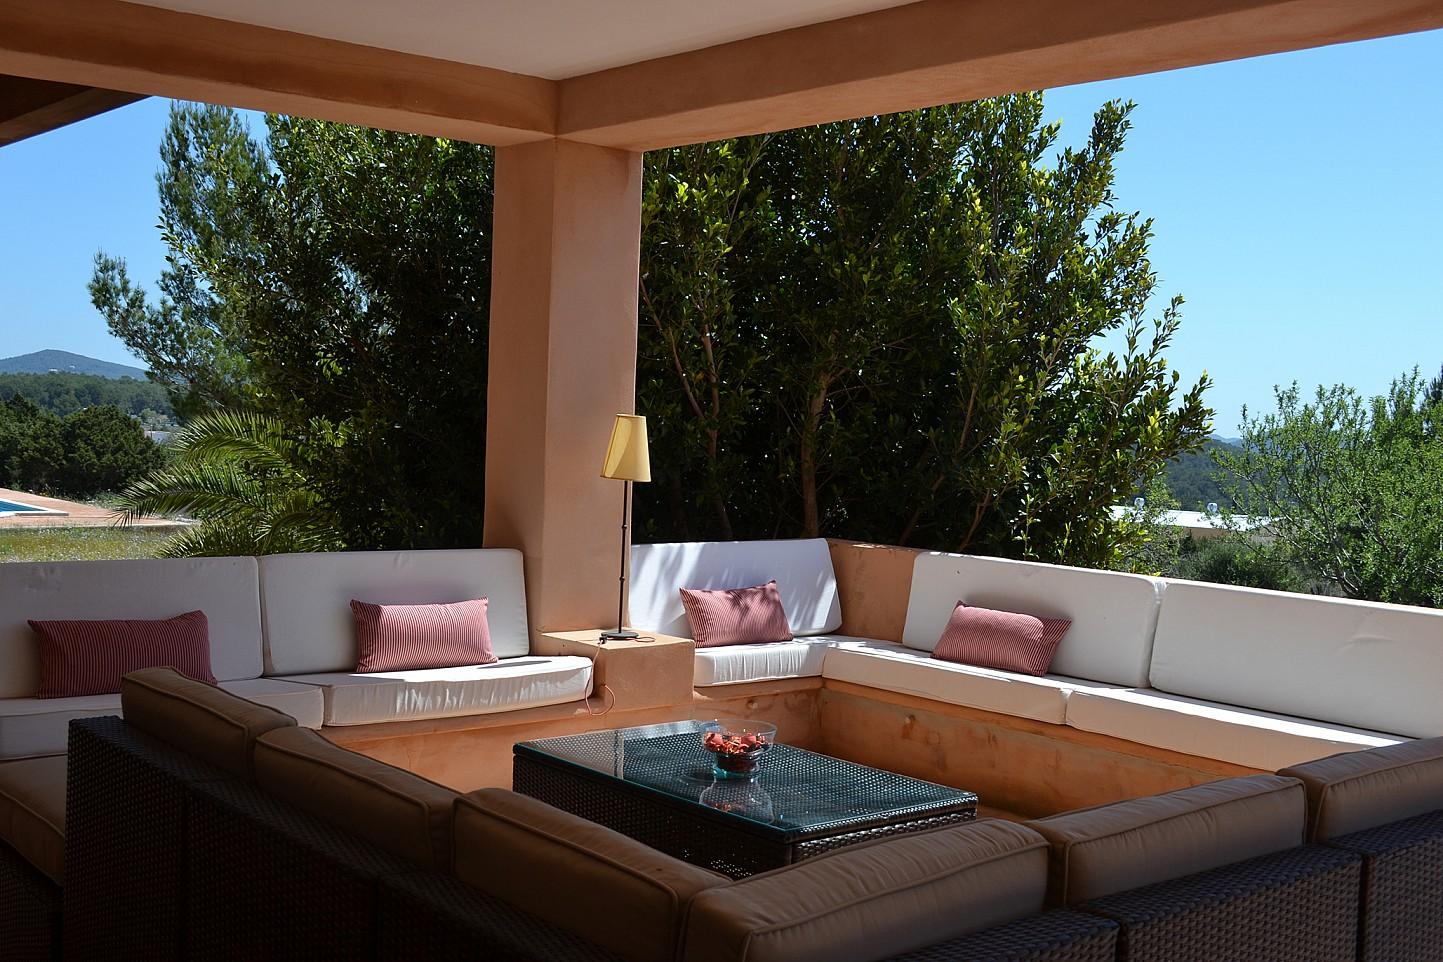 Zona de relax exterior amplia y soleada